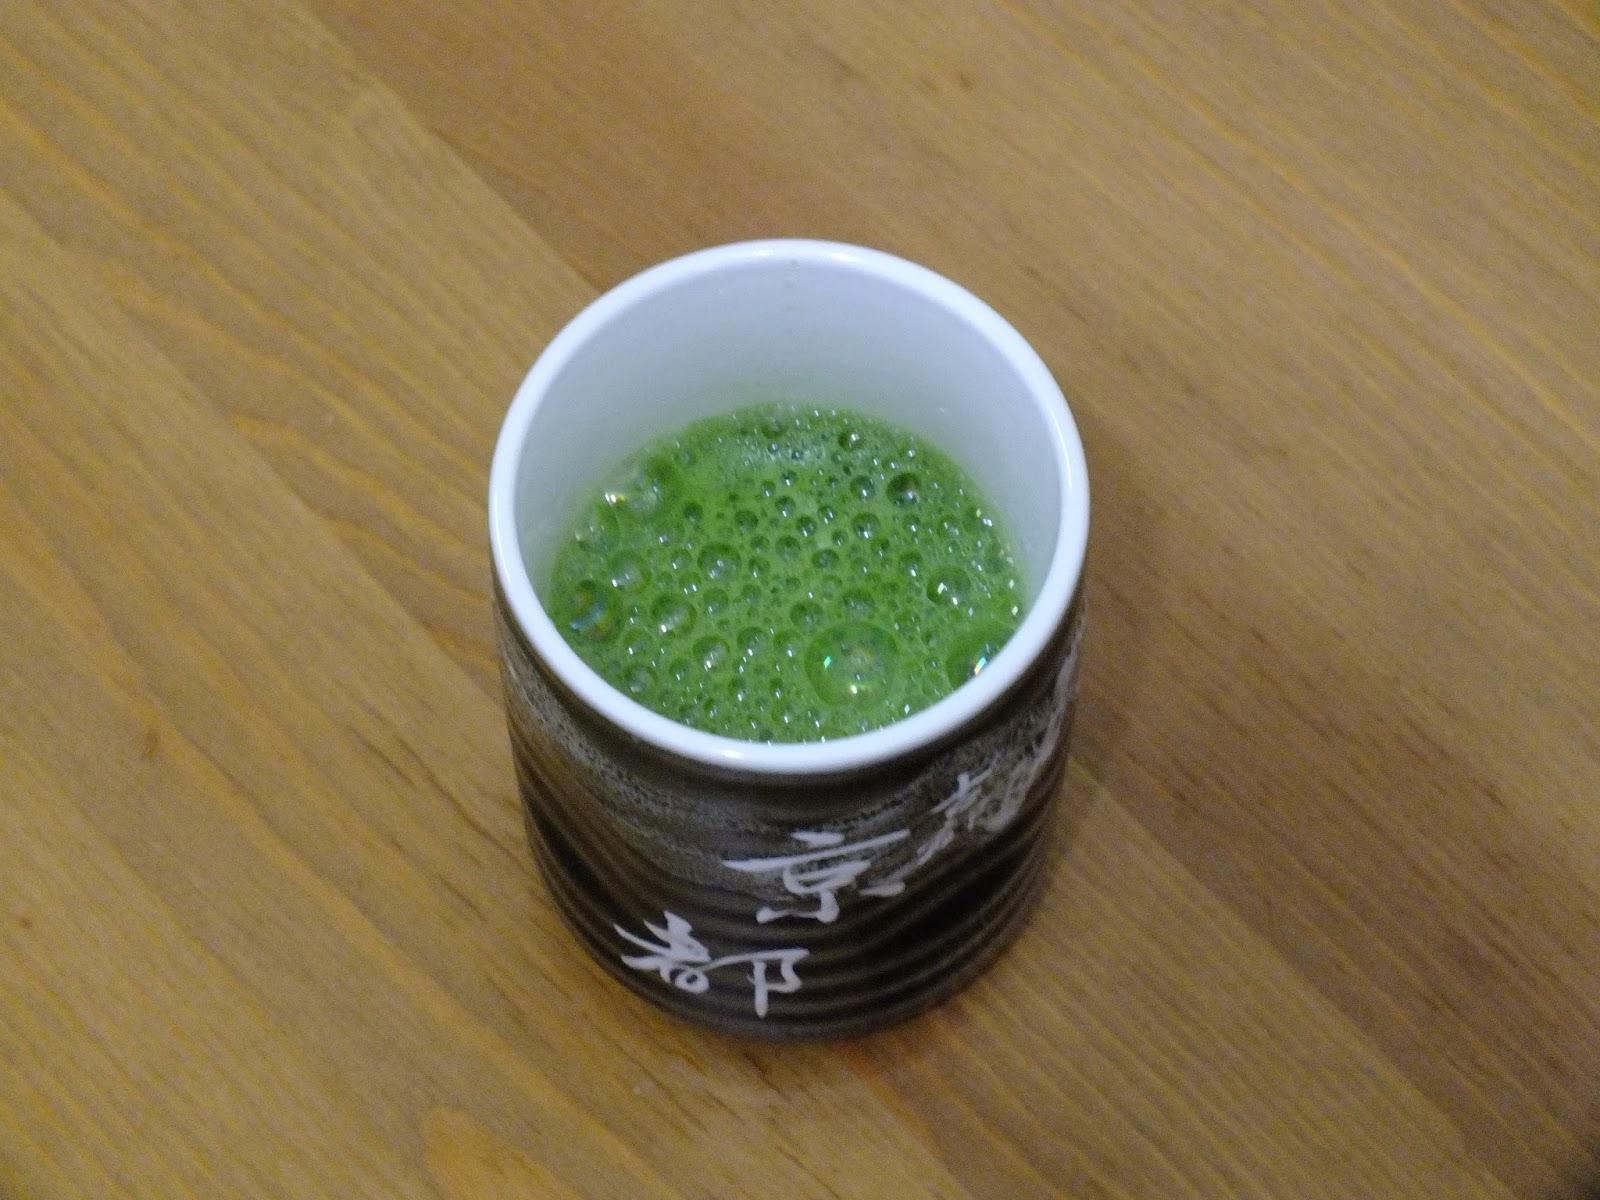 幸福抹茶運動: 抹茶怎麼泡? (2) 享受抹茶風味的基本作法